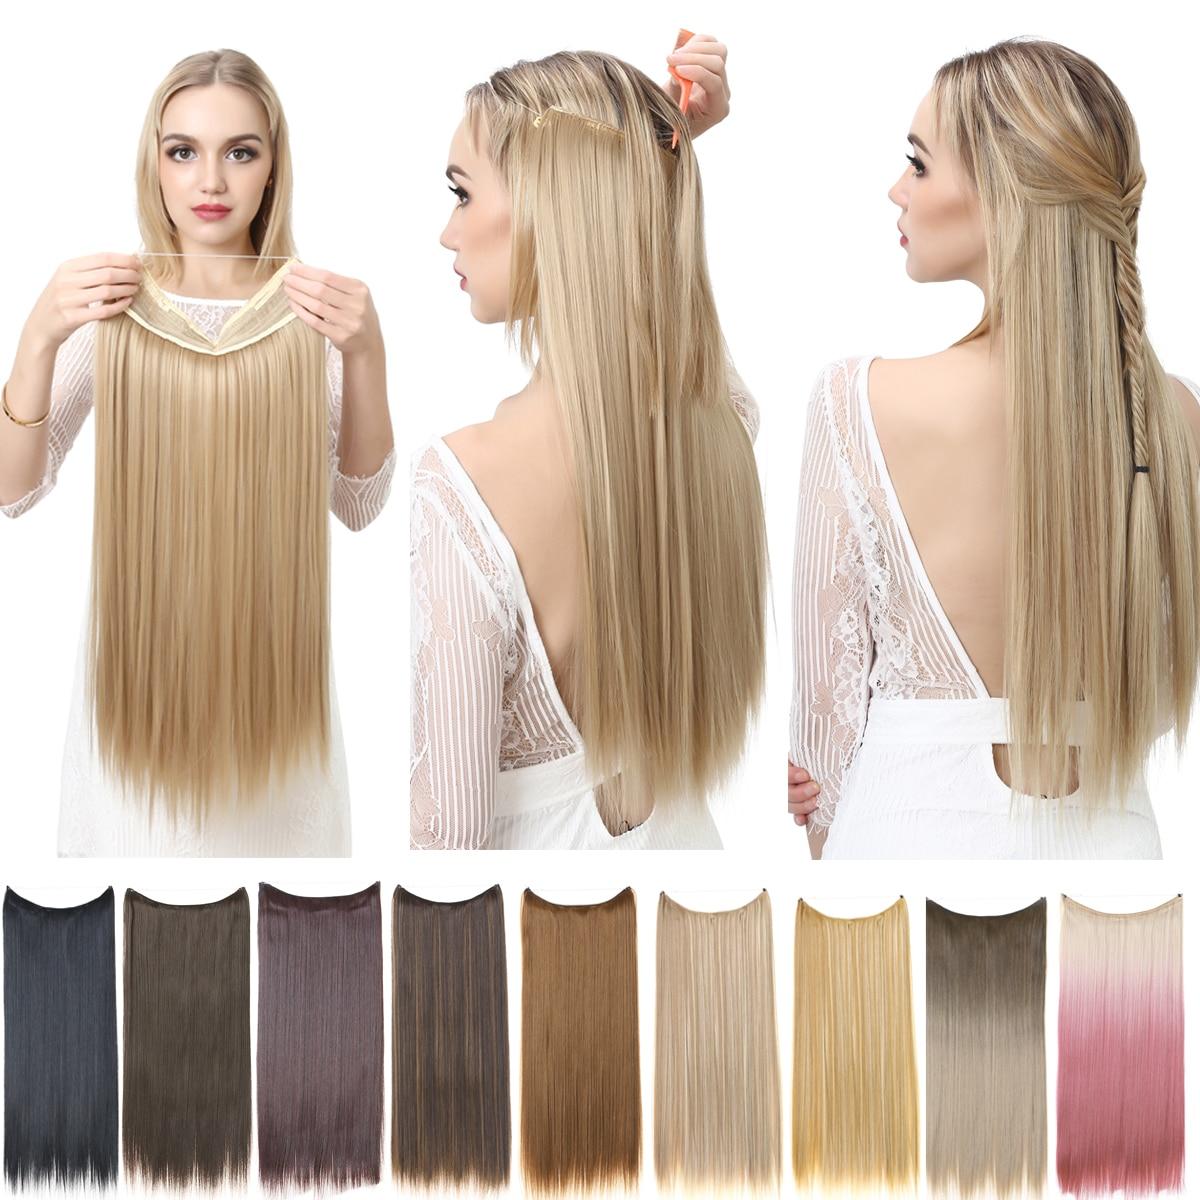 Сарла без зажима Halo наращивание волос эффектом деграде (переход от темного к Синтетические Искусственные натуральные поддельные накладные...